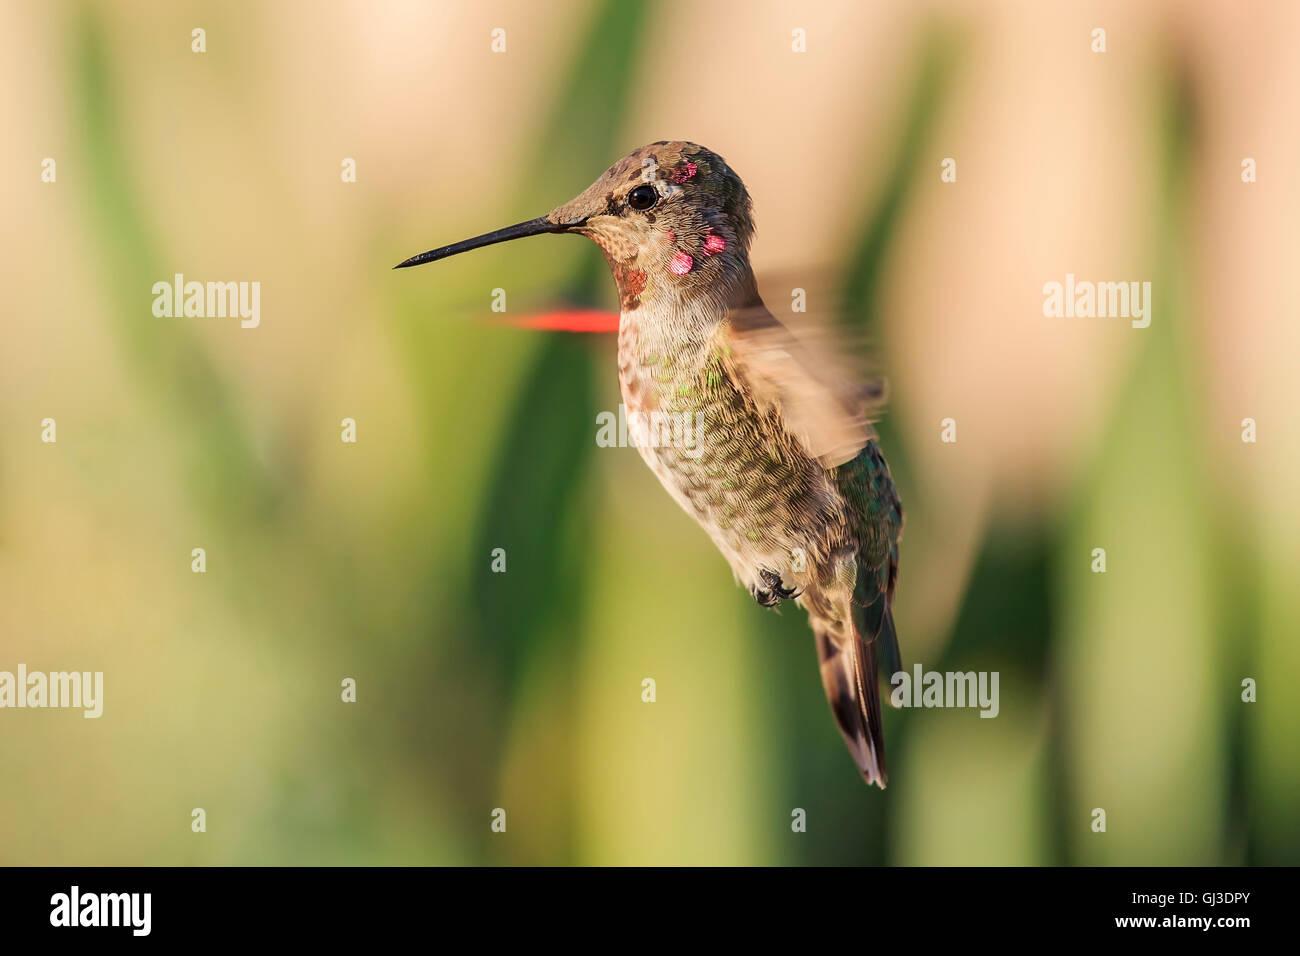 Vol mignon oiseau de ronflement avec la nature fond vert vu à Los Angeles Photo Stock